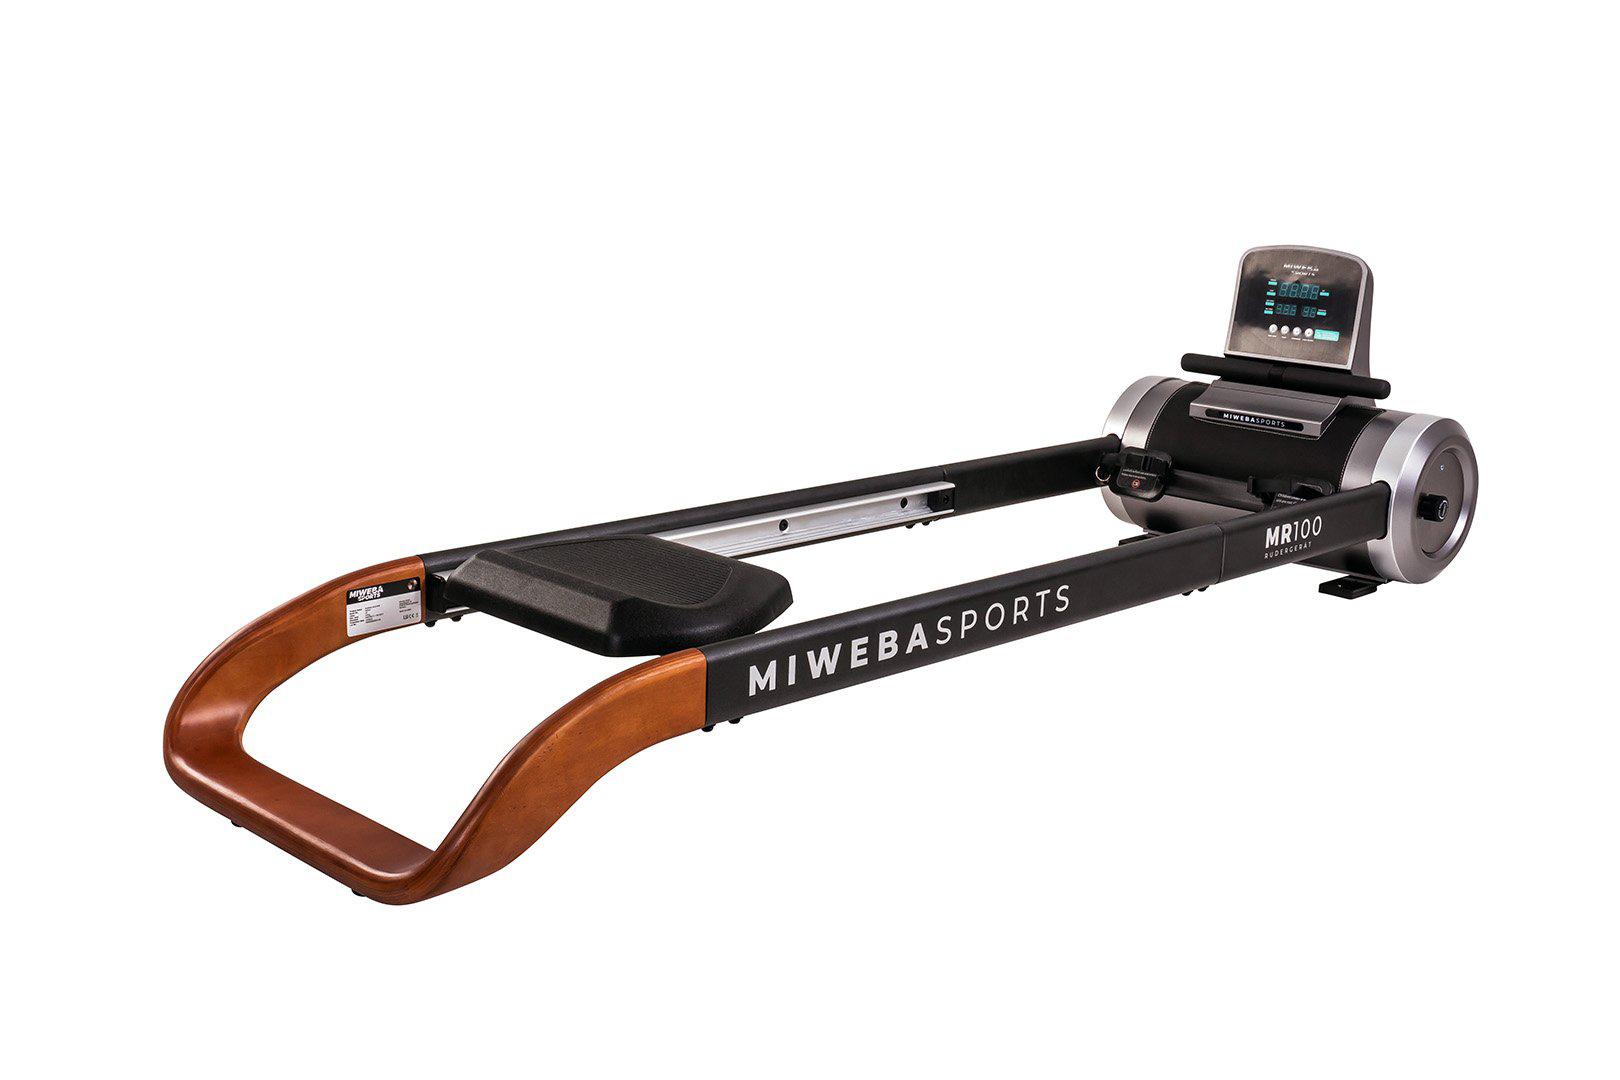 Wioślarz Miweba Sports MR100 z oporem magnetycznym